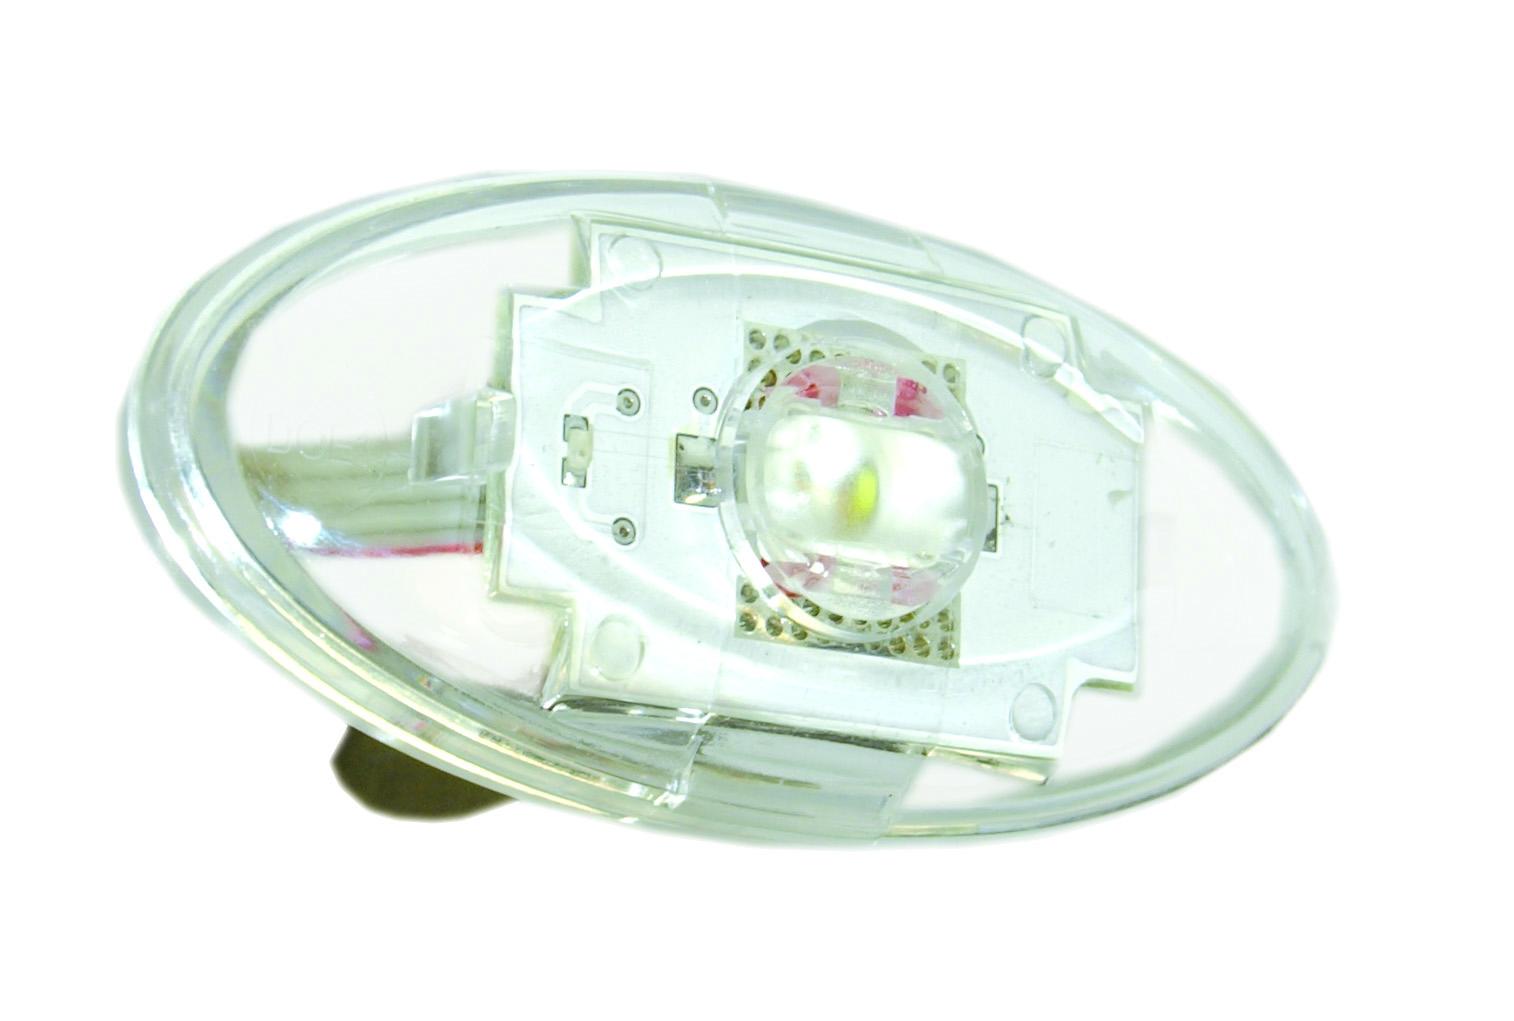 1 Stk Notleuchte DO Überwachung und Mischbetrieb ERT-LED 1W 230V NLDOE029ML